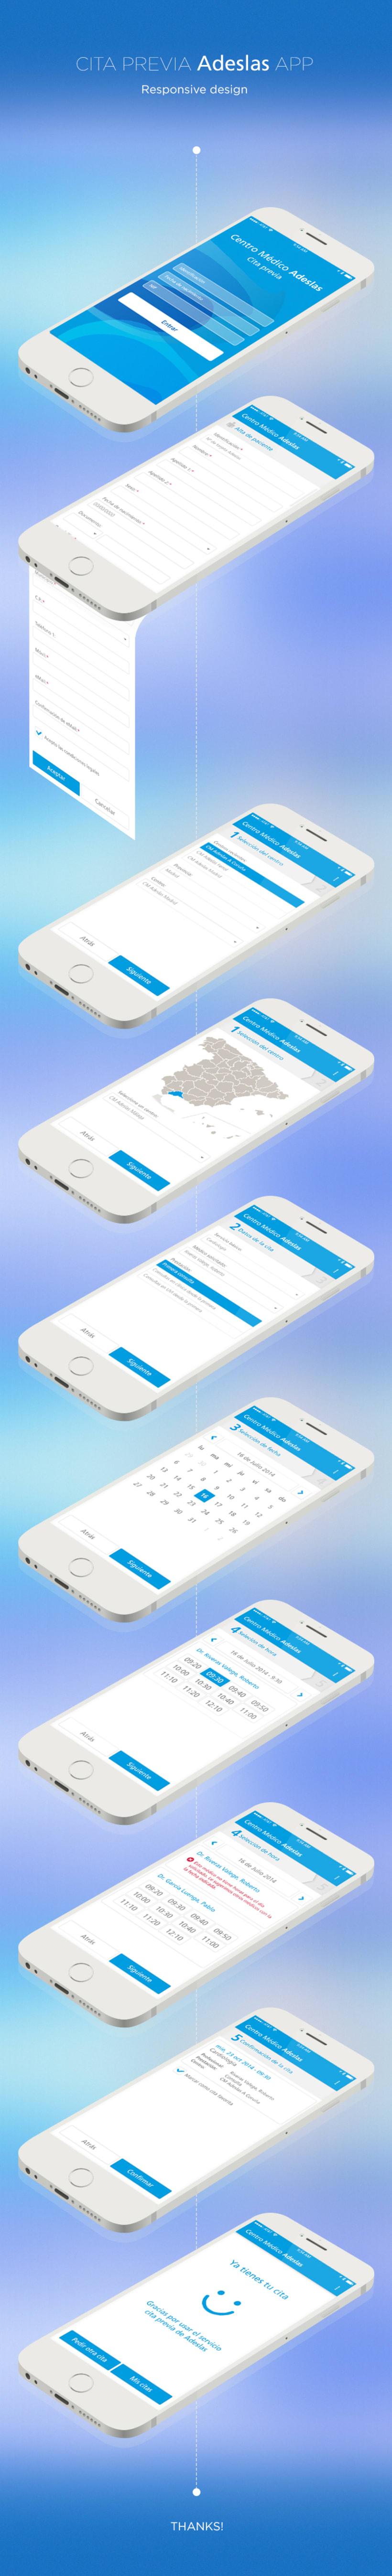 Cita Previa Adeslas App -1